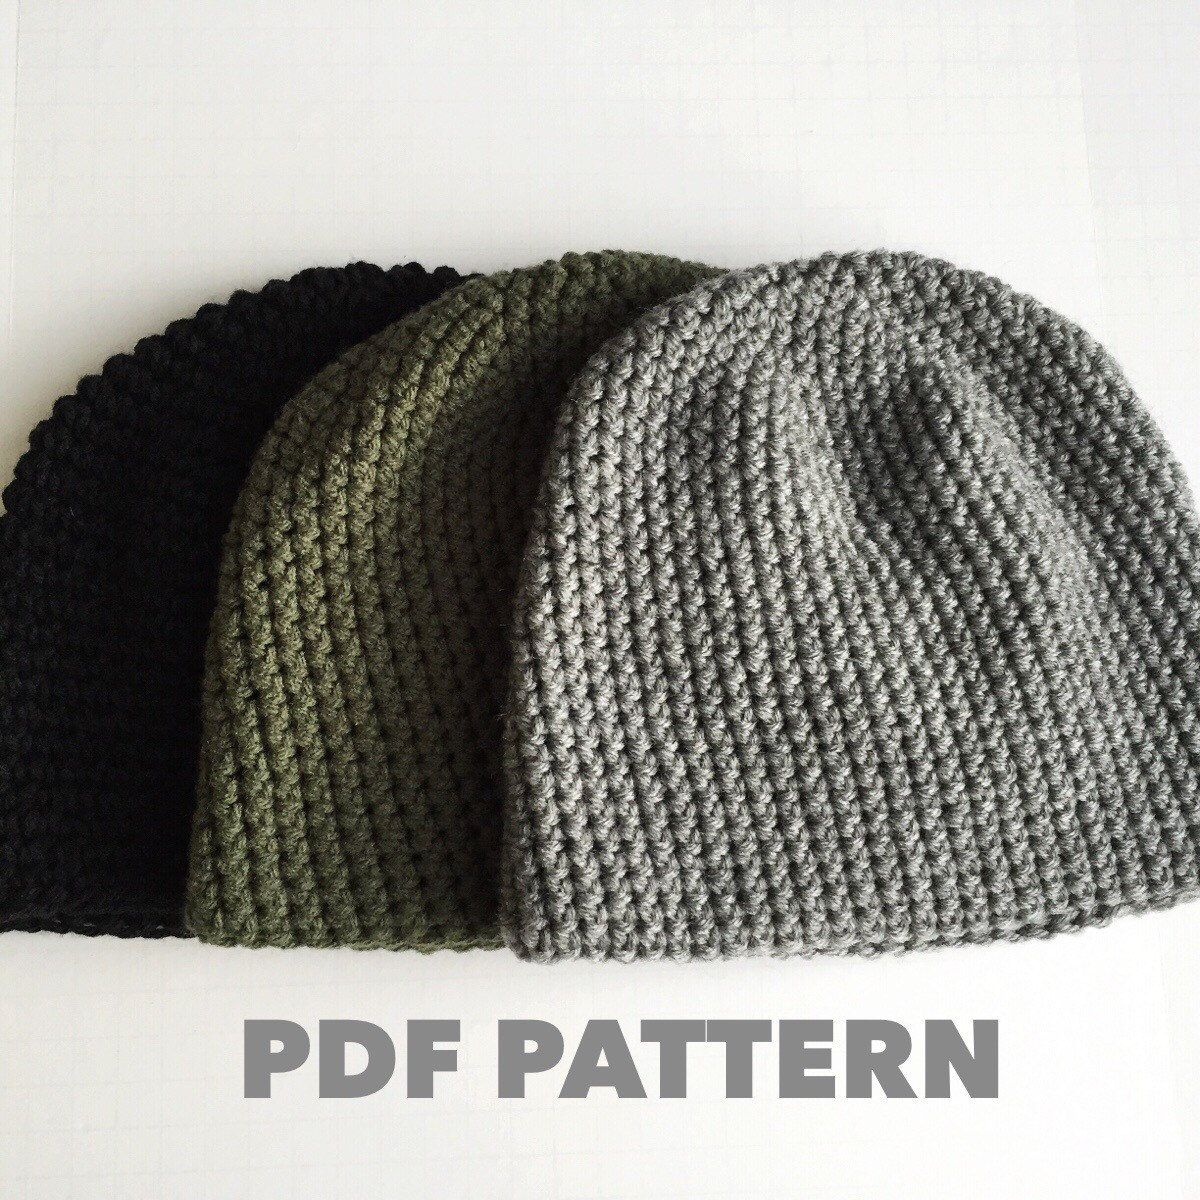 Crochet Pattern Mens Easy Beanie Hat Crochet Hat Pattern For Man Easy Crochet Beanie Pattern For Man Man Crochet Beanie Pattern In 2021 Mens Crochet Beanie Crochet Mens Hat Crochet